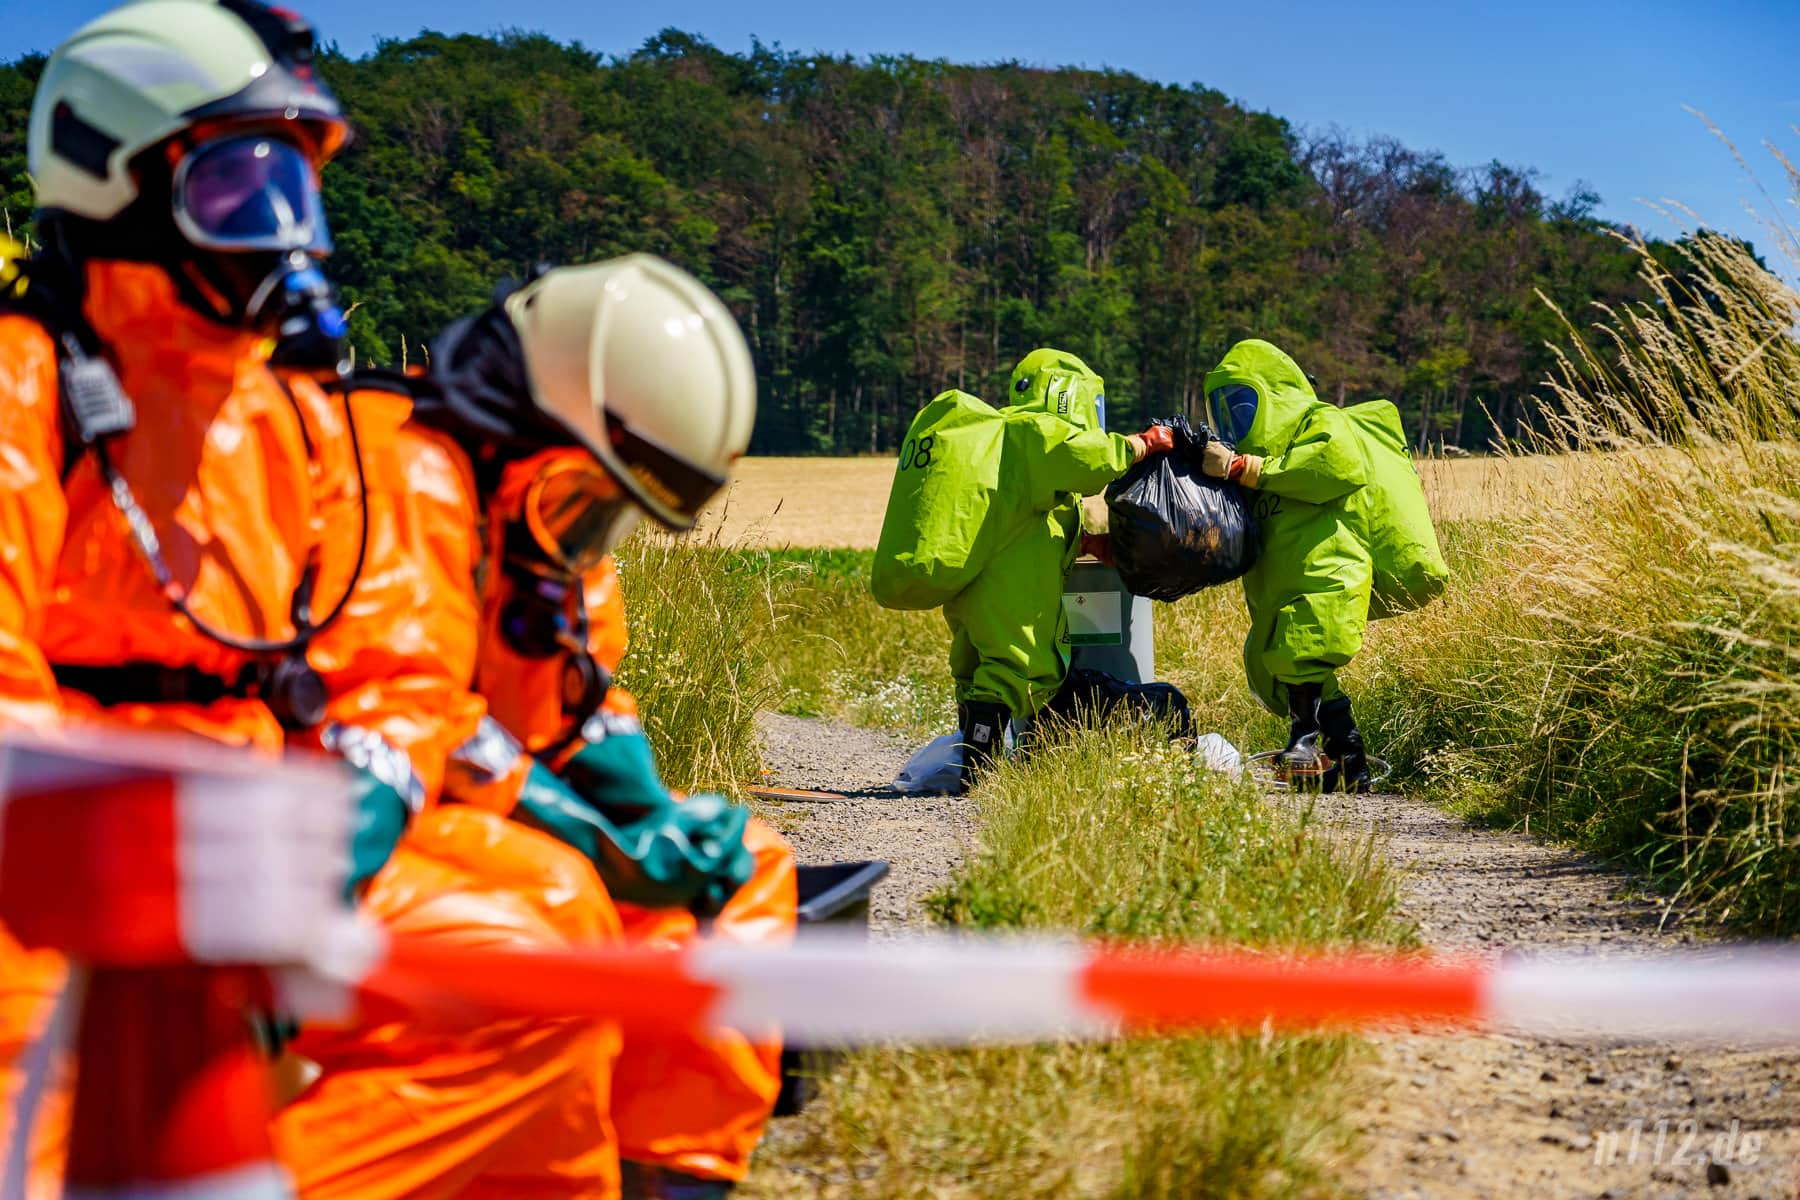 Nur Abfall: Das zweite Team findet keine giftige Substanz im Fass. Das erste Team wartet derweil im Vordergrund unter sengender Sonne, um im Notfall eingreifen zu können (Foto: n112.de/Stefan Simonsen